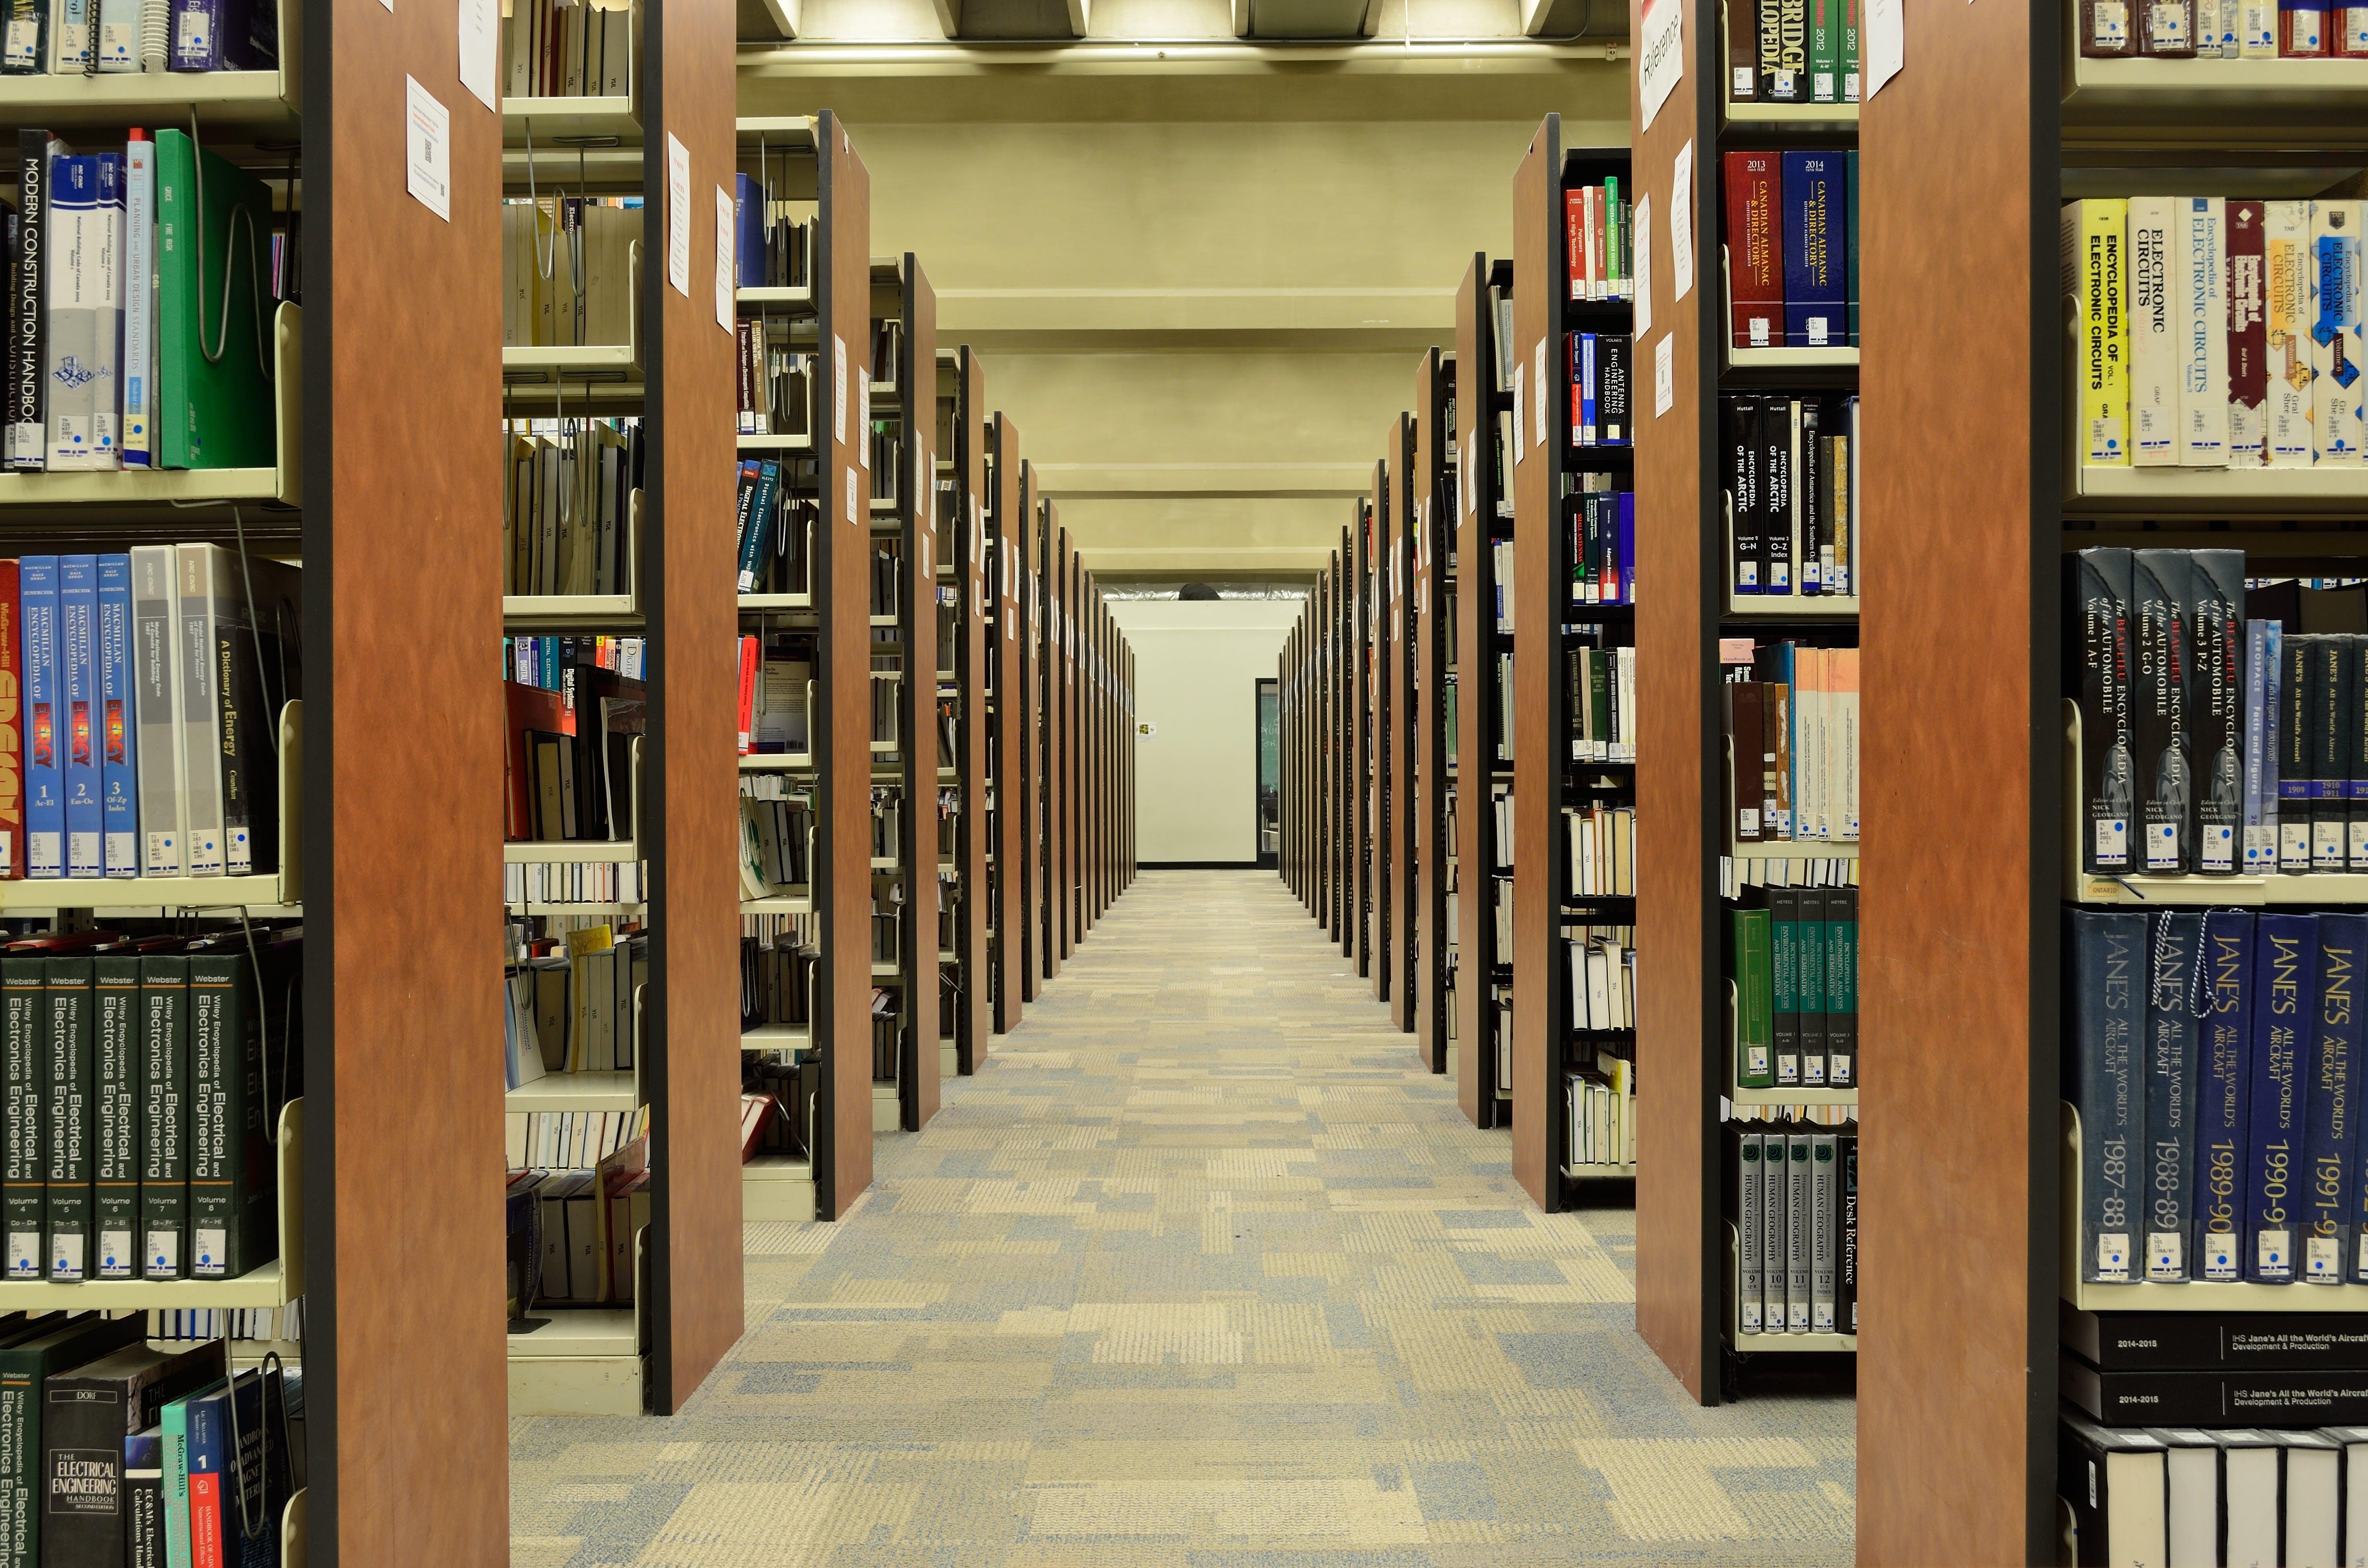 βιβλία, βιβλιοθήκη, διάδρομος